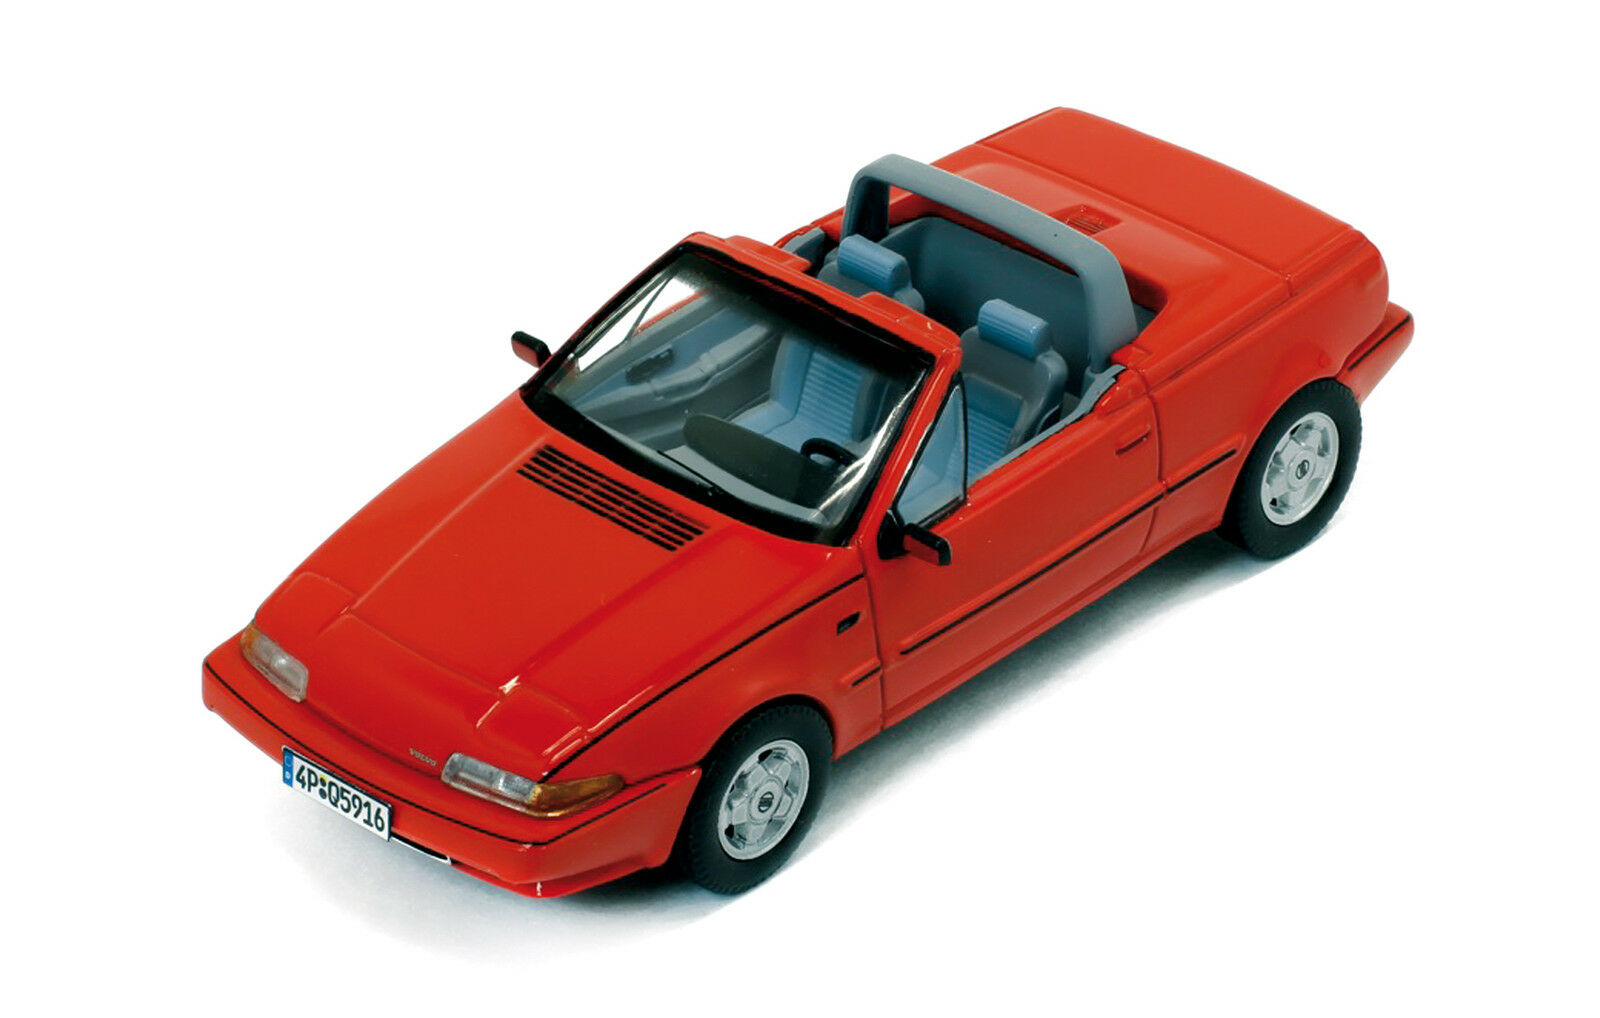 bienvenido a comprar IXO Premium X X X PRD.447 - Volvo 480 Cabriolet 1990 rojo 1 43  100% a estrenar con calidad original.